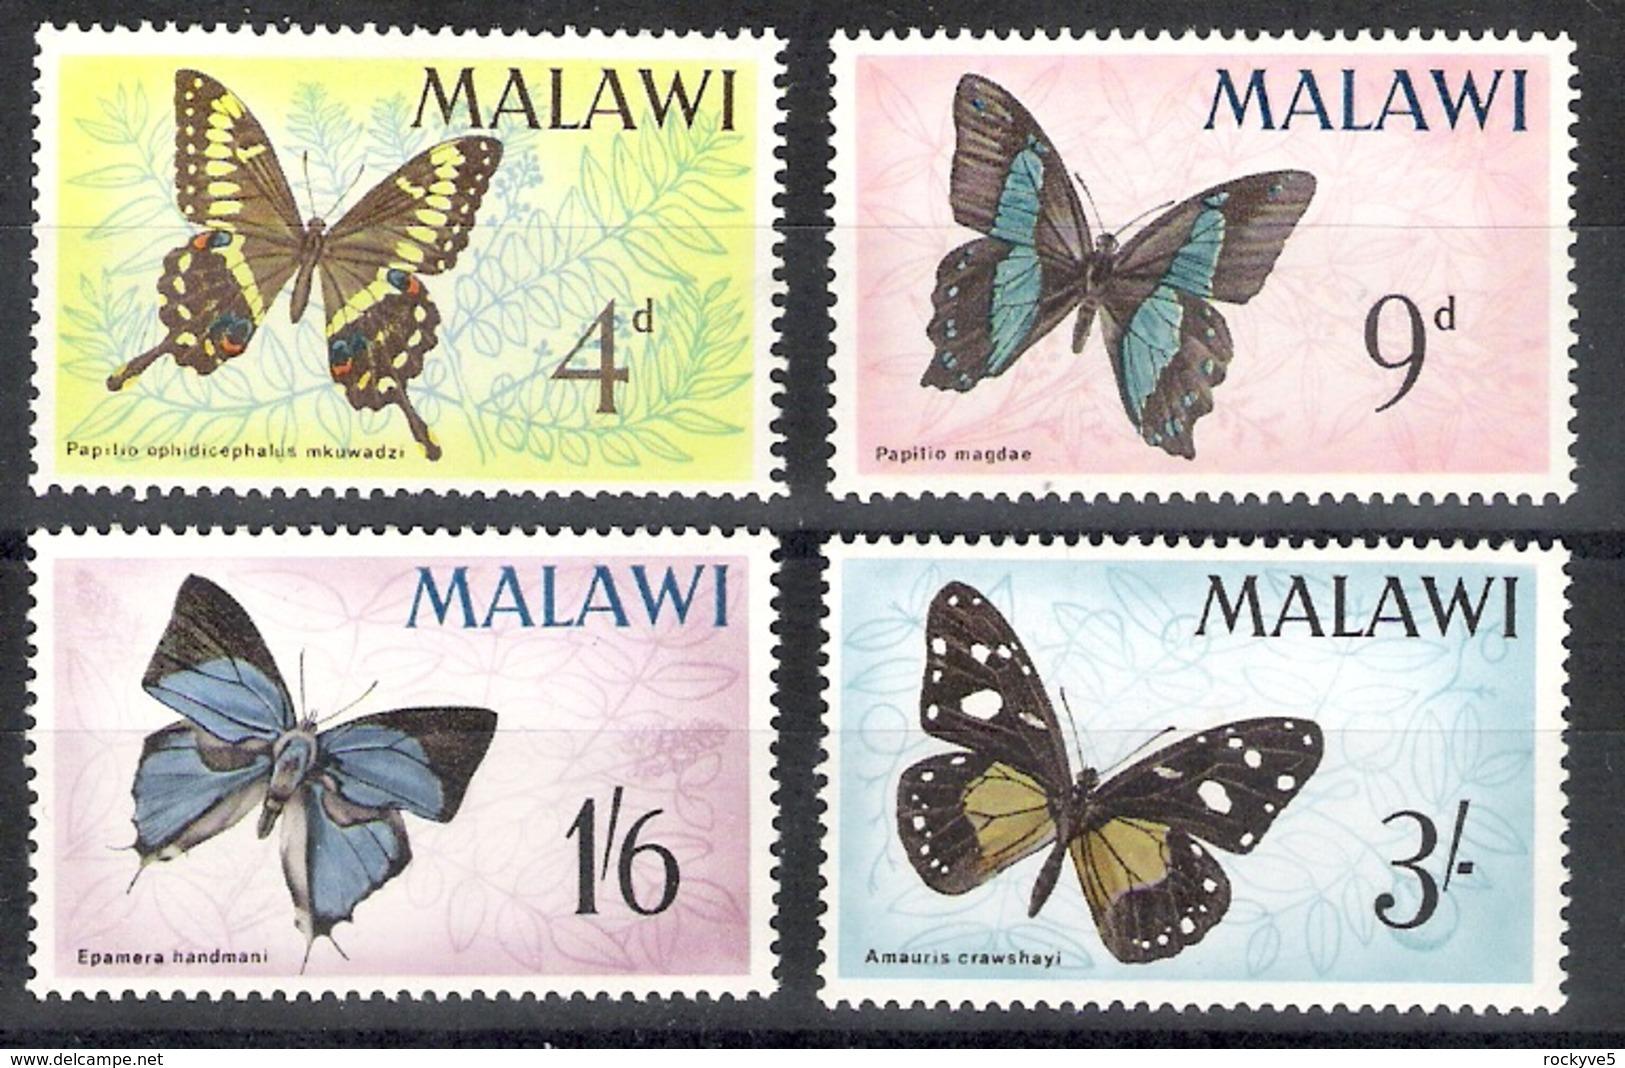 Malawi 1966 Butterflies MNH CV £6.55 - Butterflies